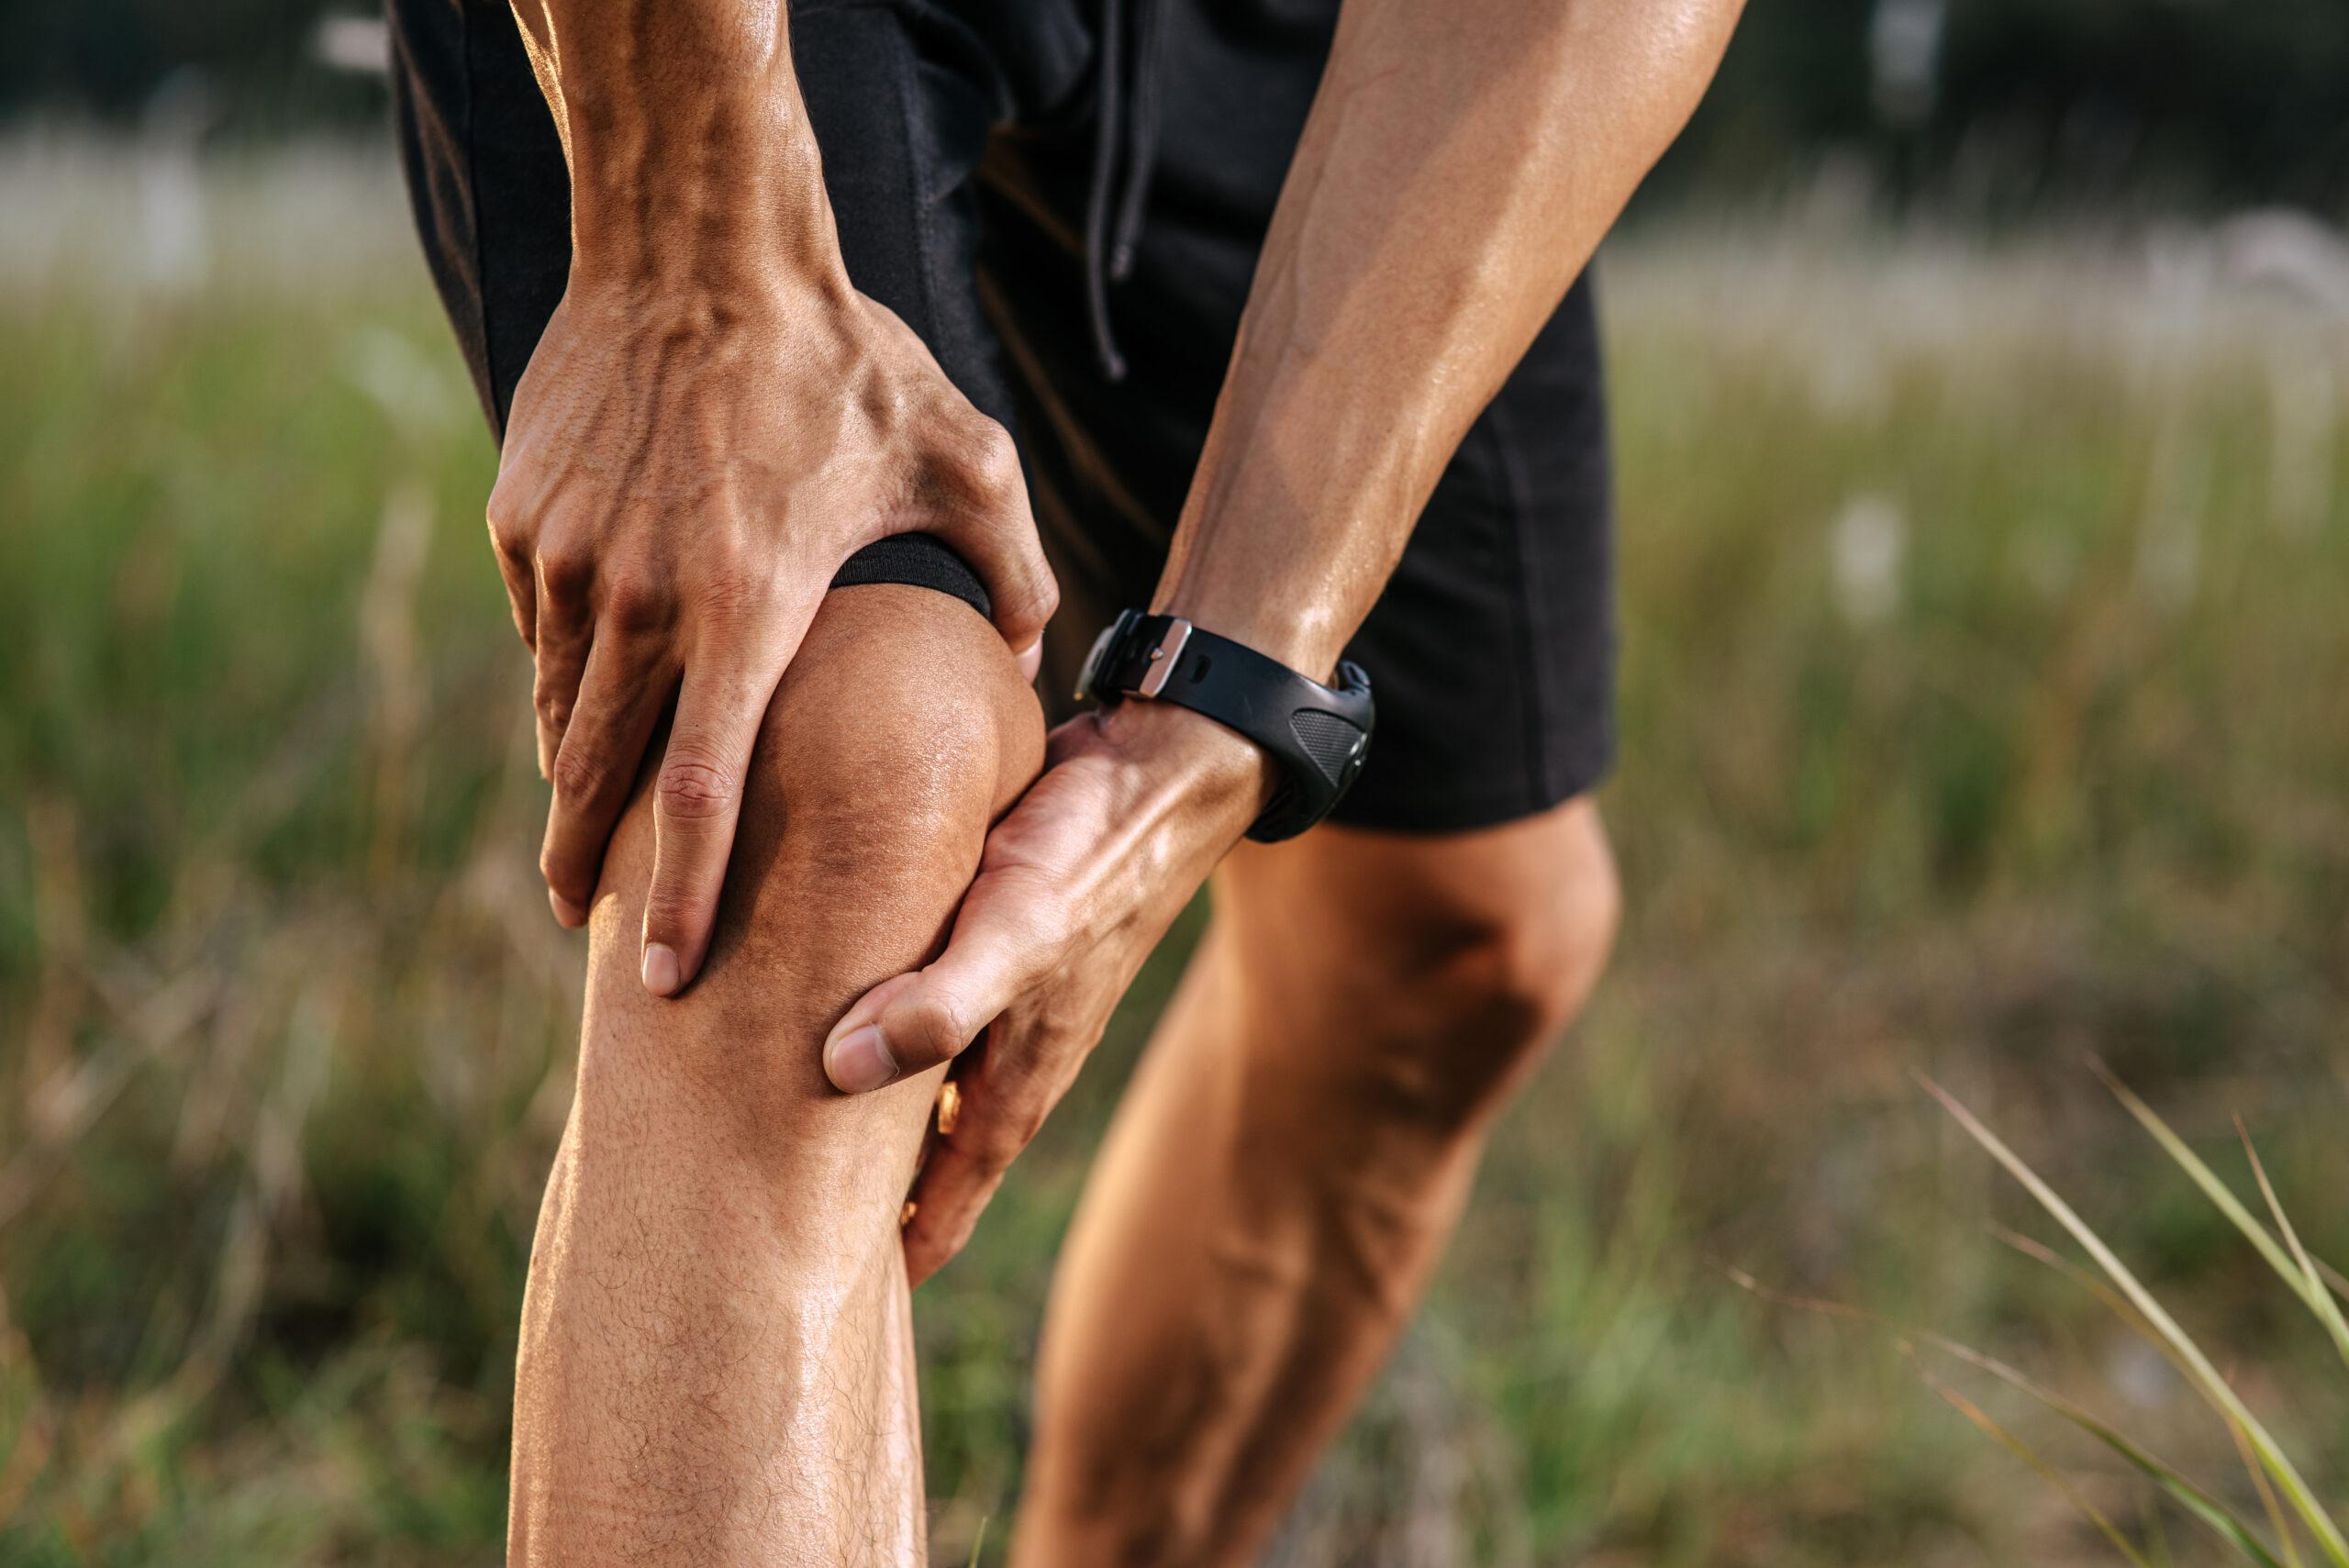 Běžecké koleno